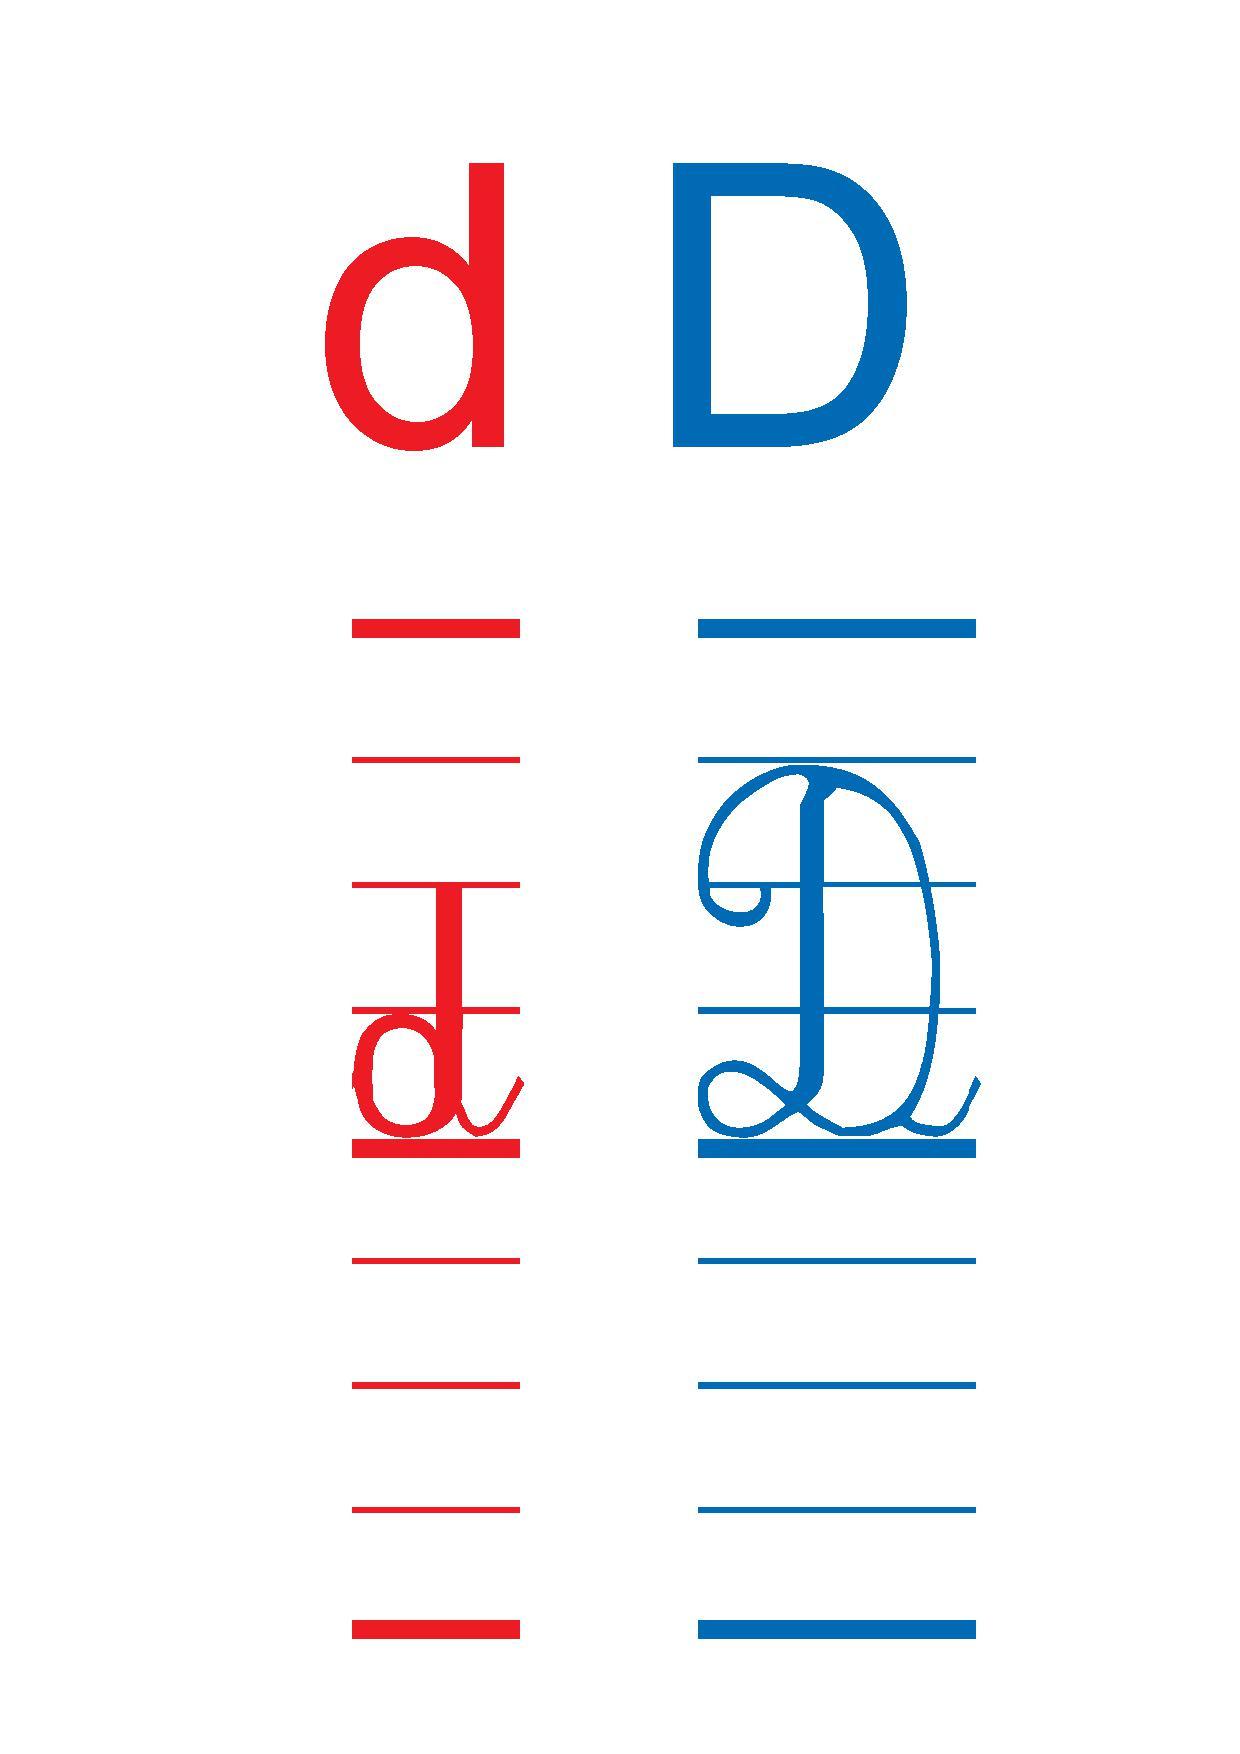 Affiches Des Lettres De L'alphabet Cp,ce1, Les Lettres En à Alphabet Majuscule Et Minuscule